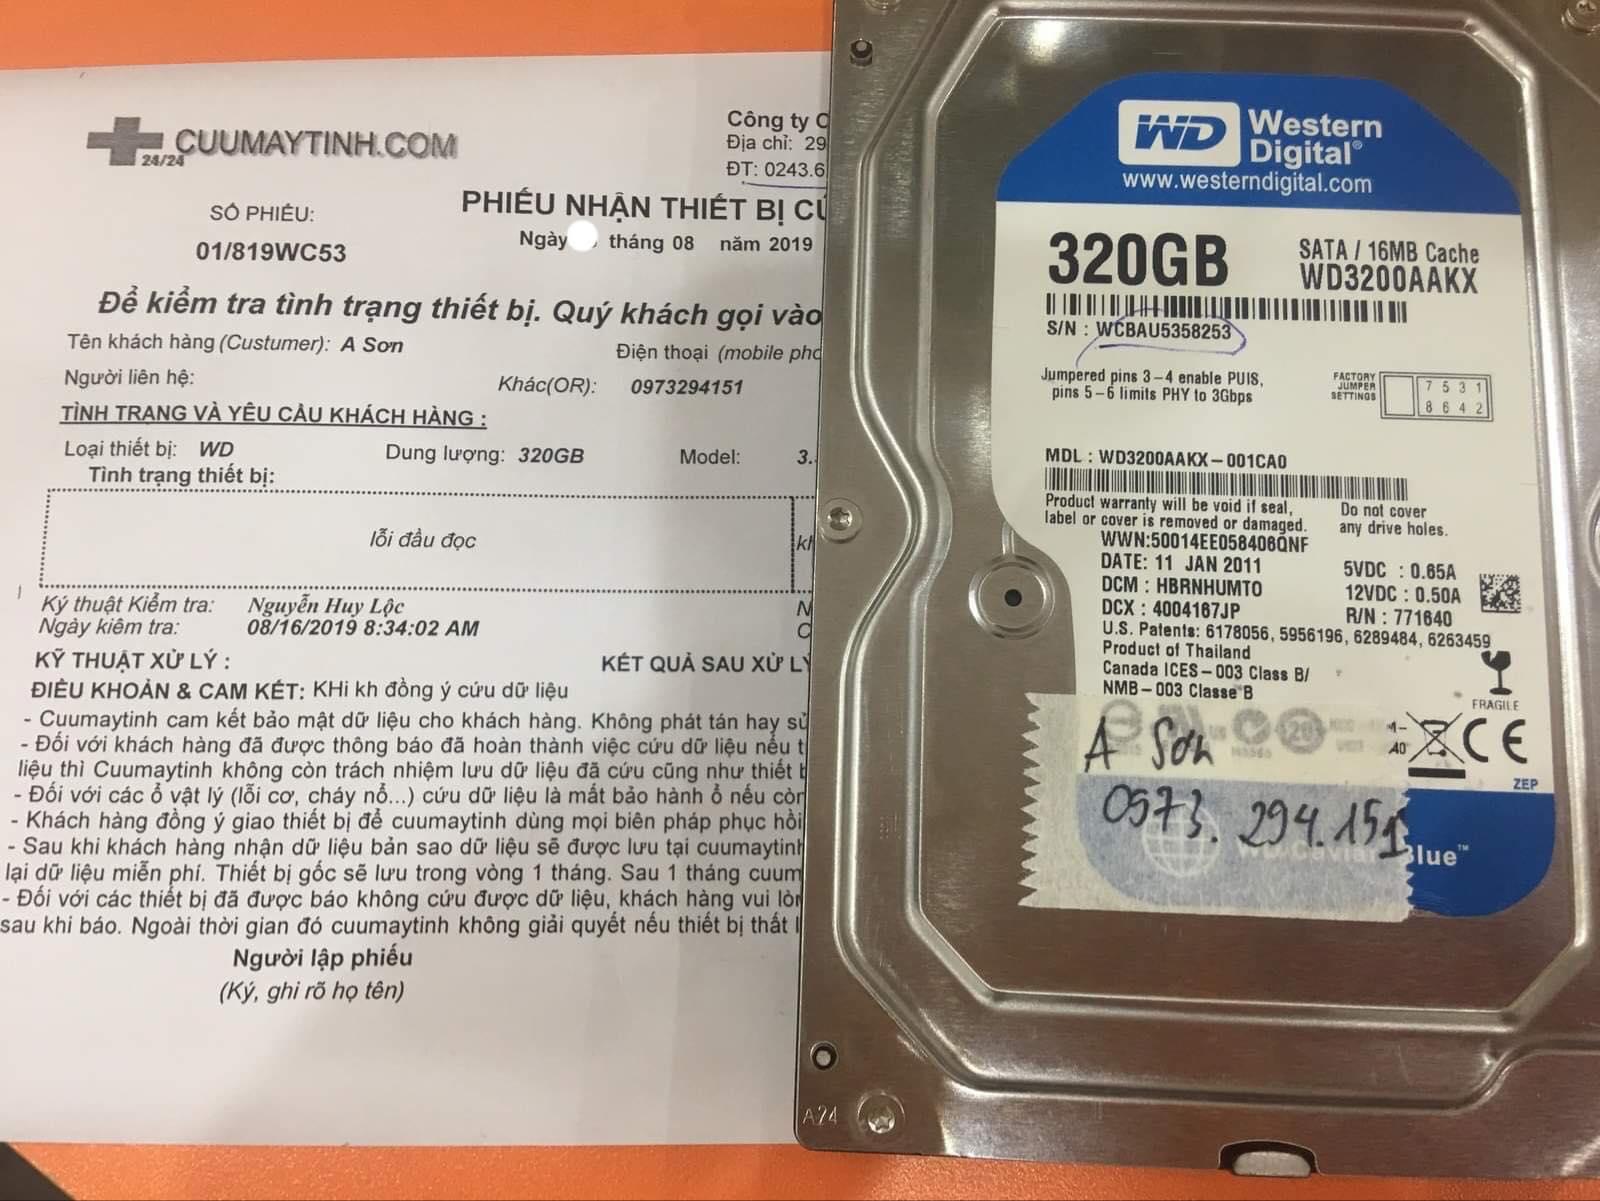 Khôi phục dữ liệu ổ cứng Western 320GB lỗi đầu đọc 31/08/2019 - cuumaytinh